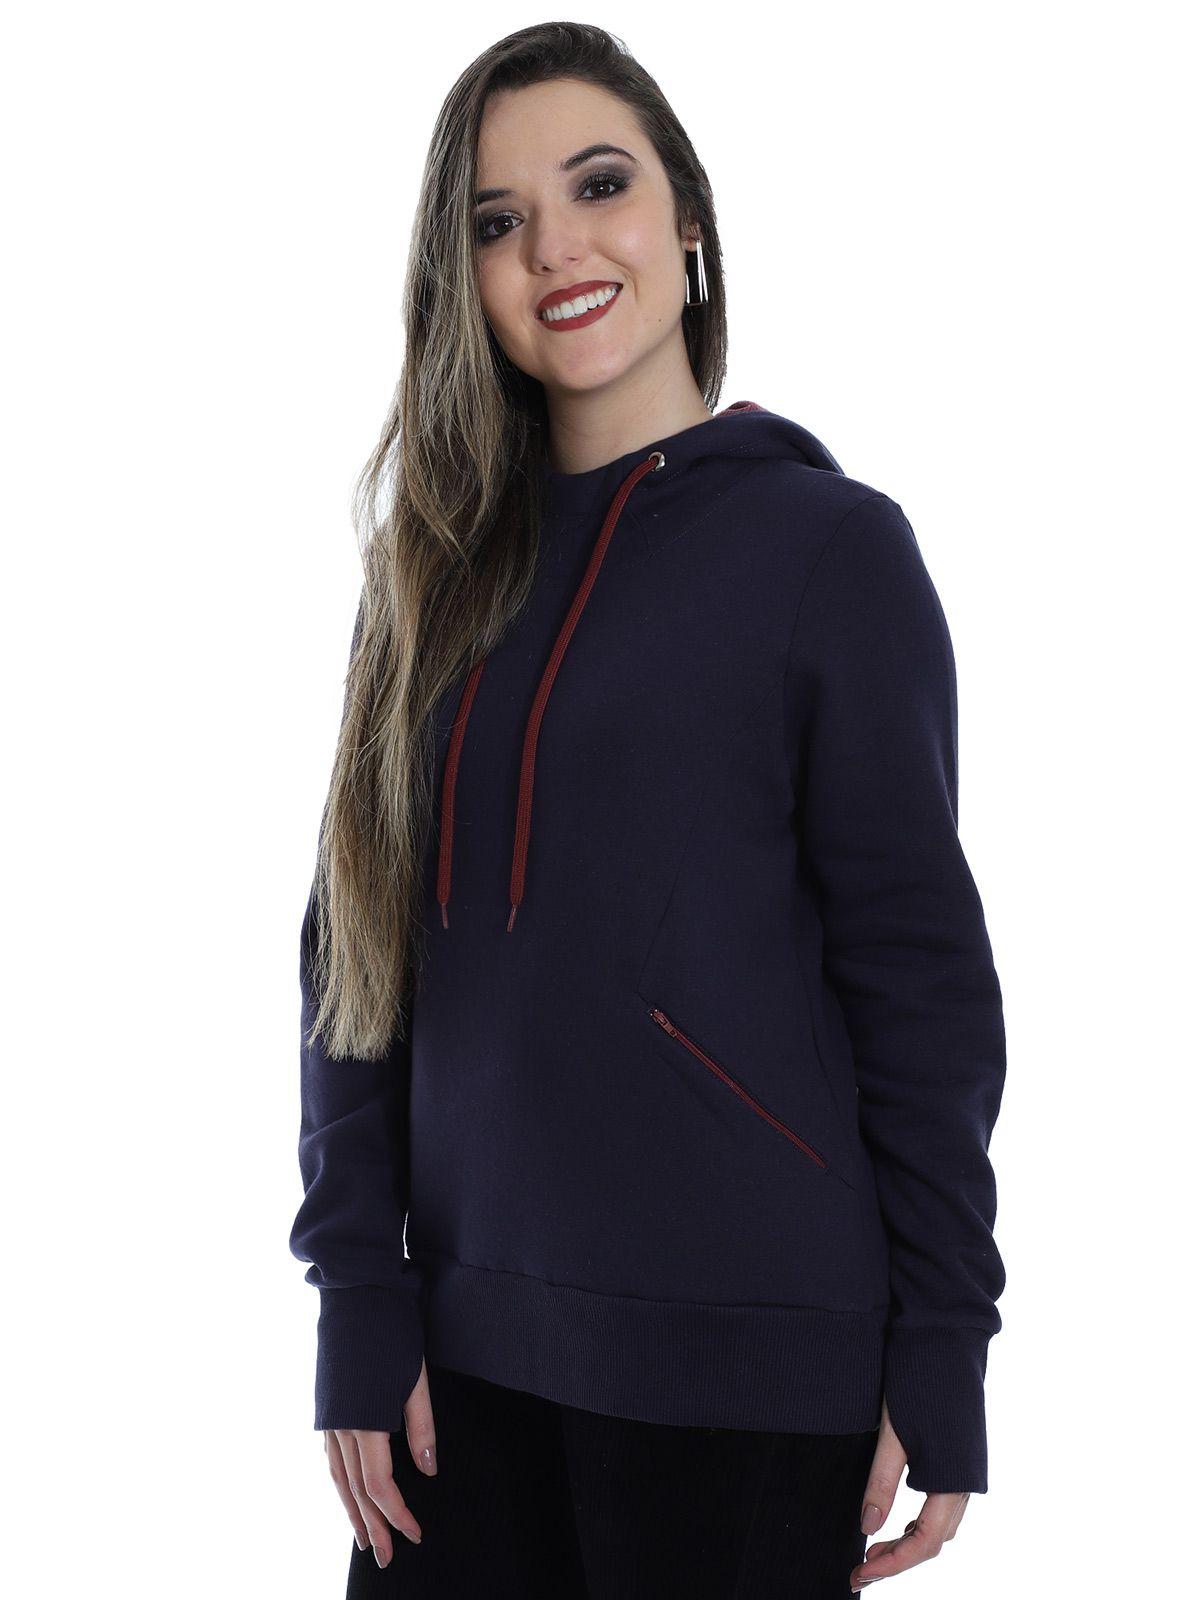 Blusa Moletom Feminino com Capuz e Ziper Anistia Azul Marinho